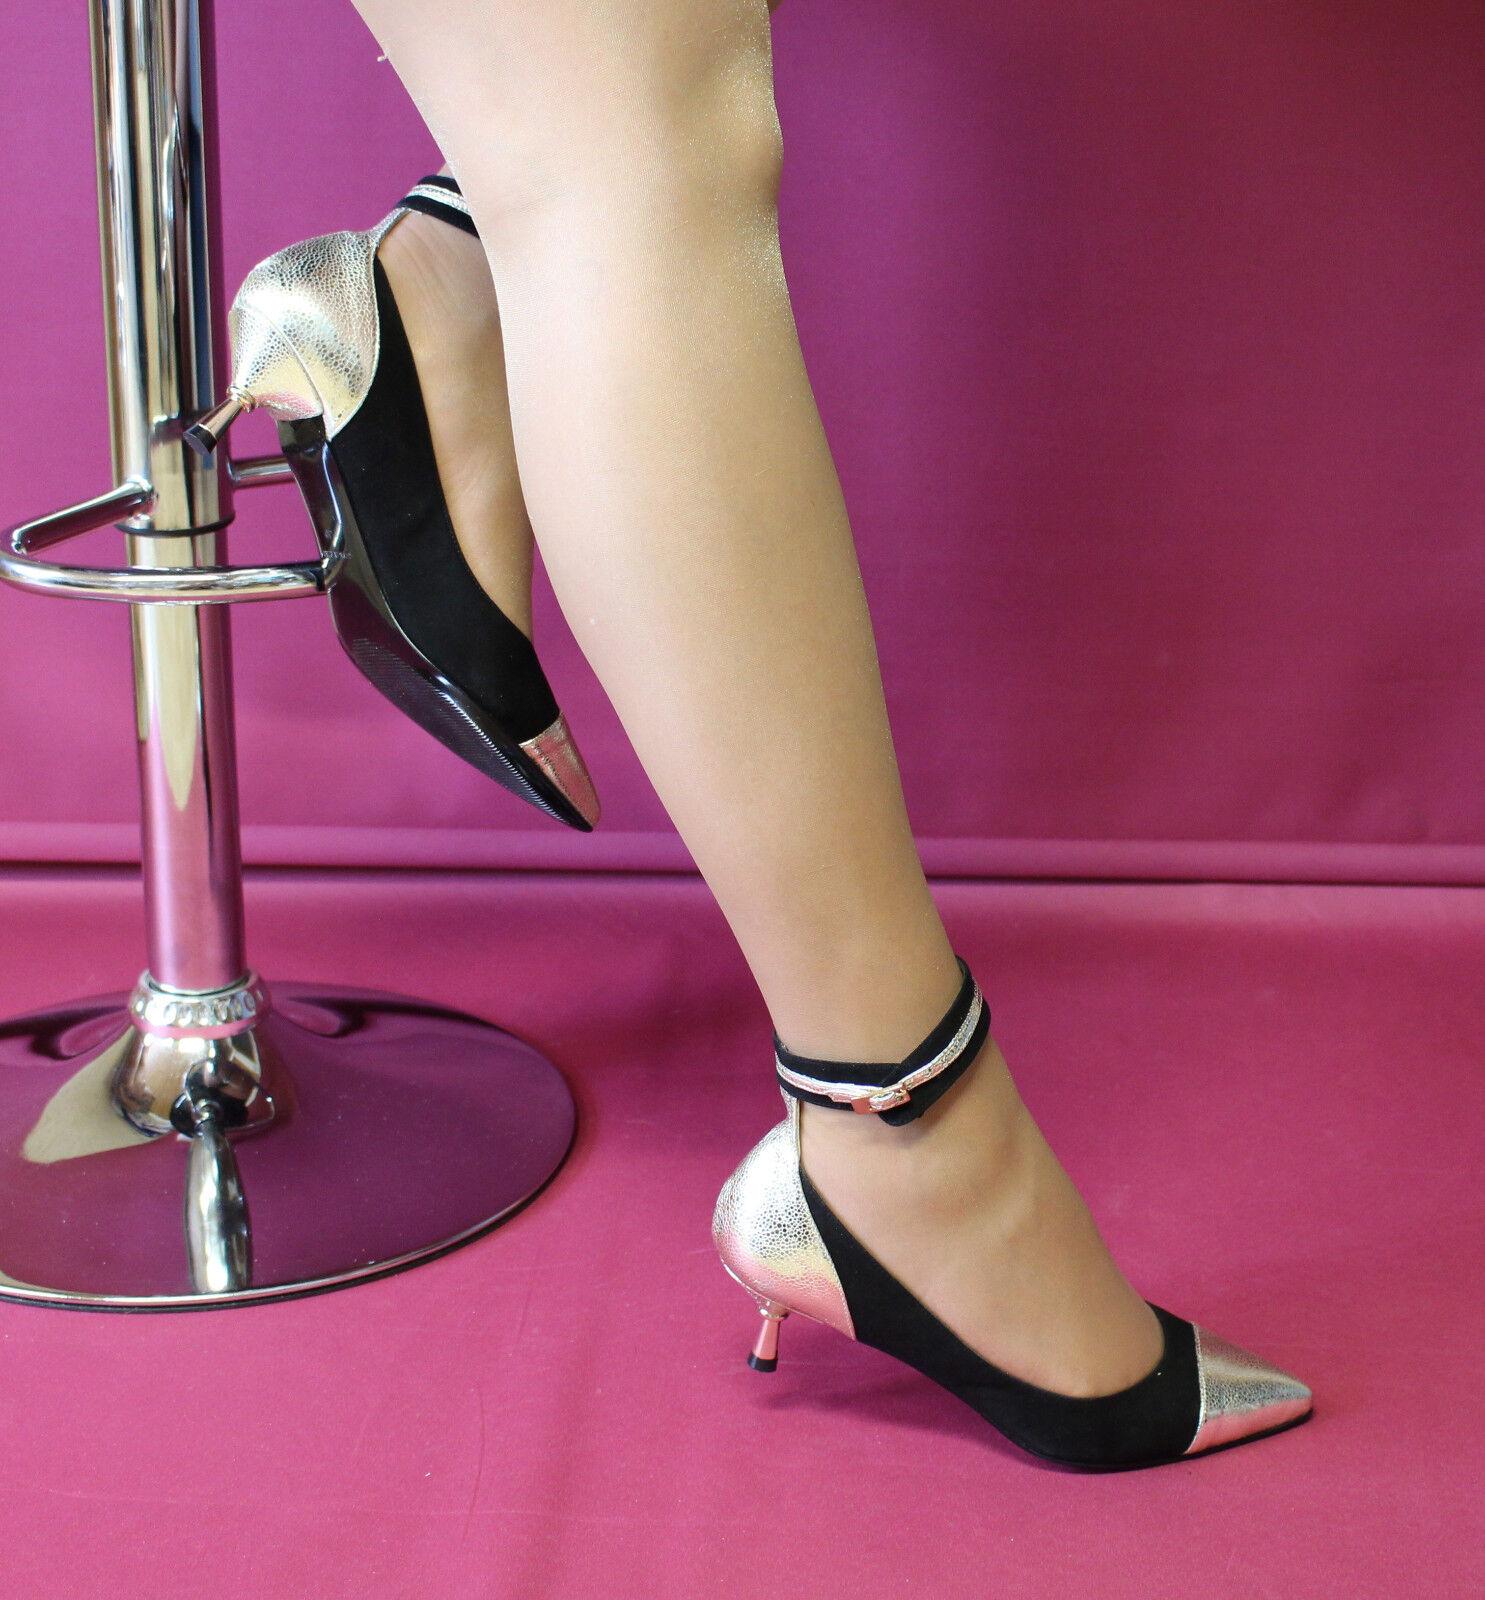 NERO-D' ORO L SO-Pelle-PUMPS CON Bondage con caviglia Patrizia Tg. Dini Tg. Patrizia 37 a85daa